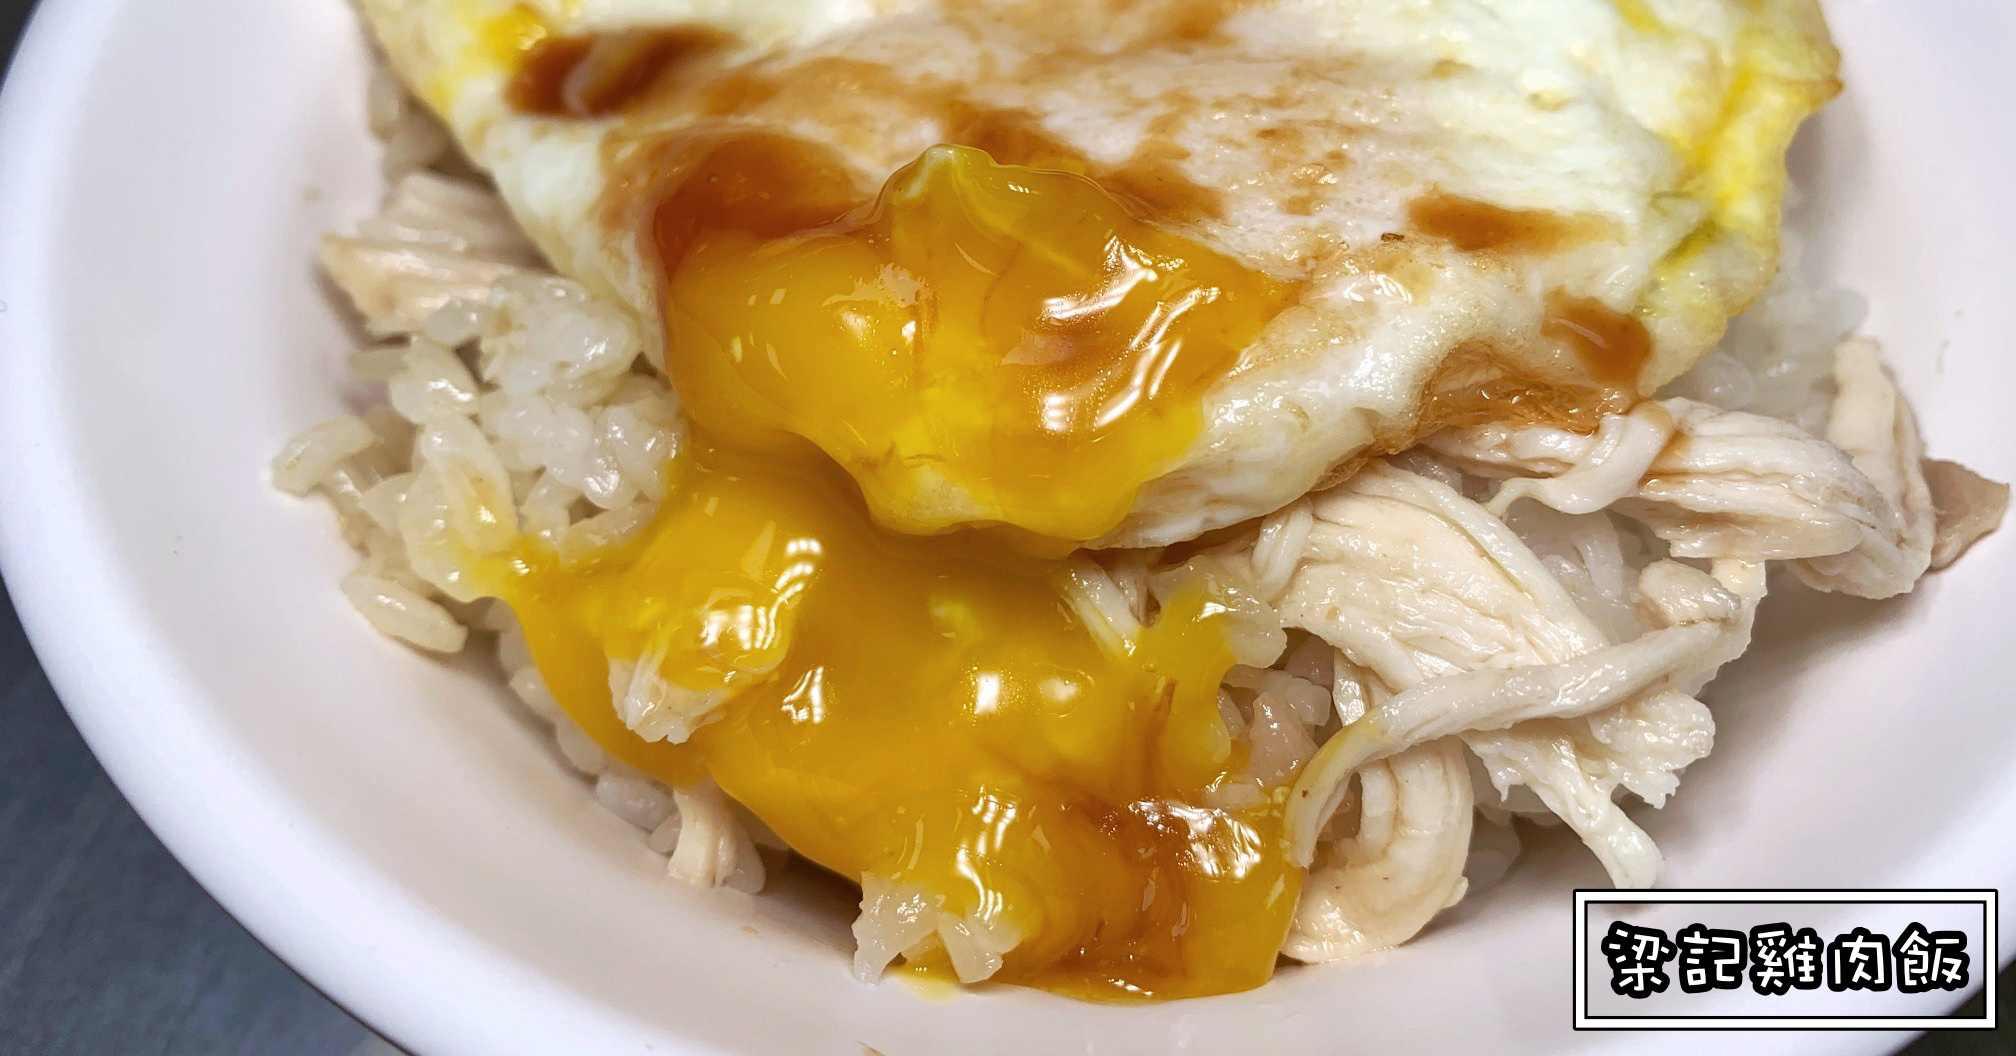 捷運松江南京美食|梁記雞肉飯 人鬼殊途的台北雞肉飯 (菜單價錢)